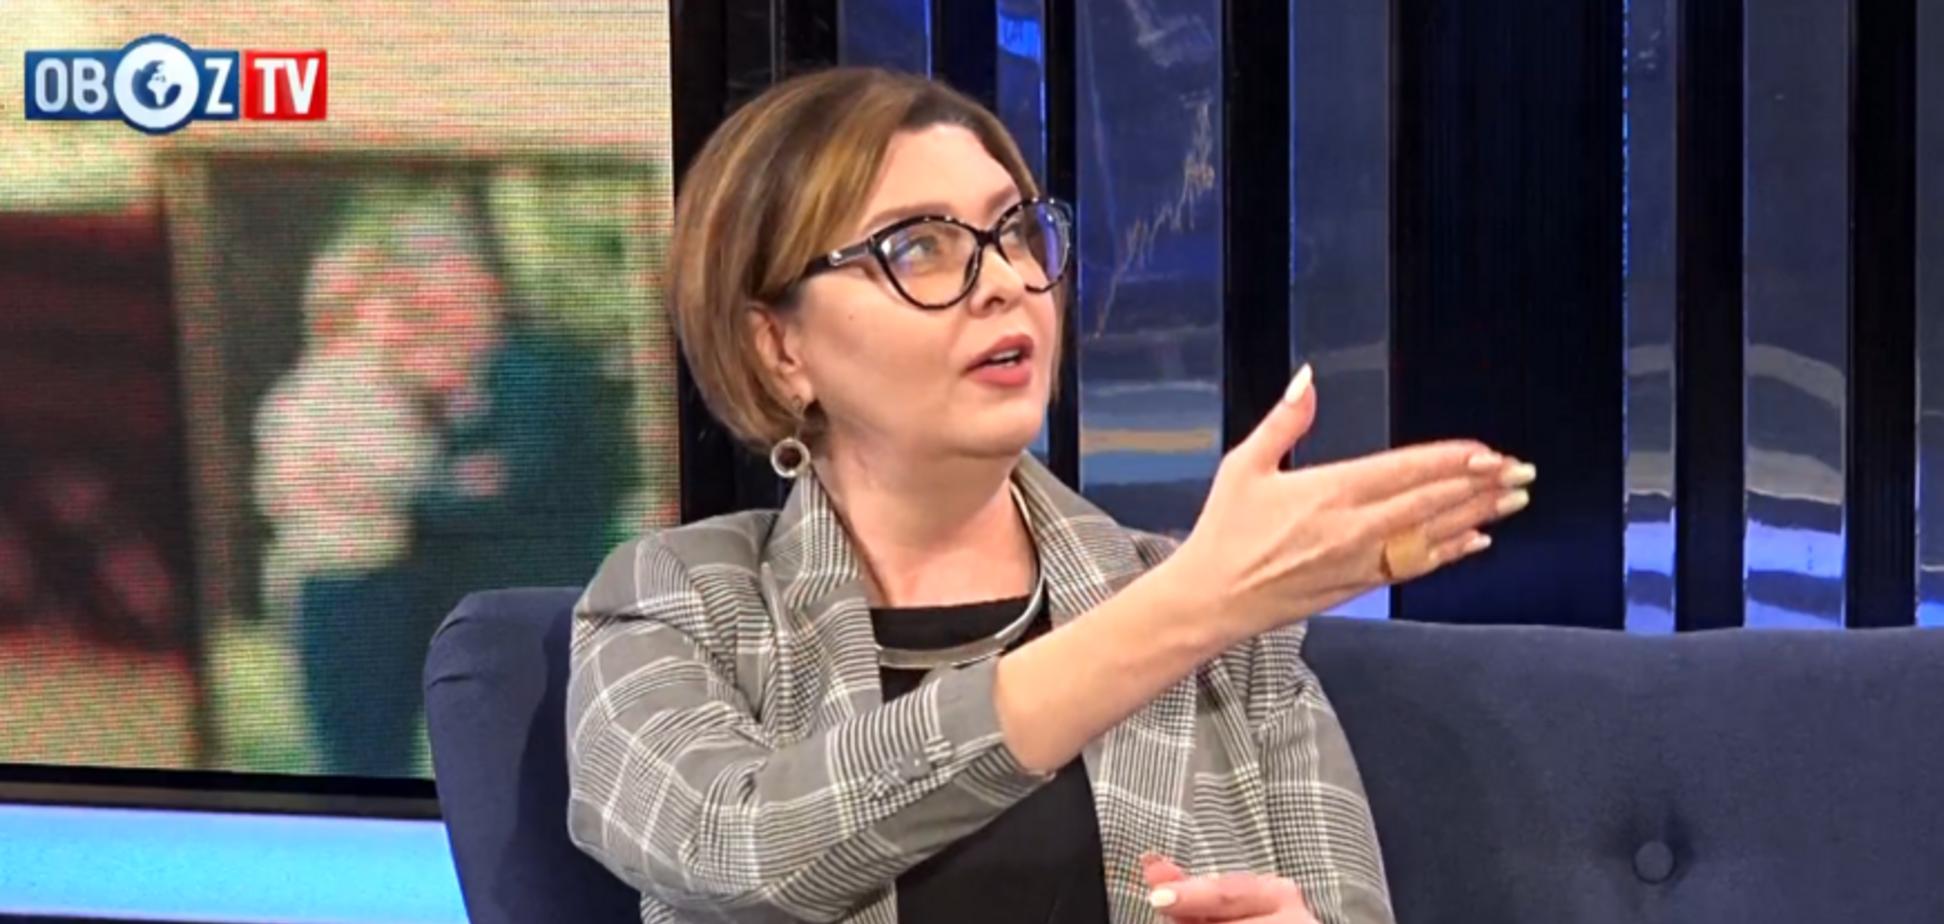 Про що говорять жести політиків: психолог розповіла, як прочитати приховані послання